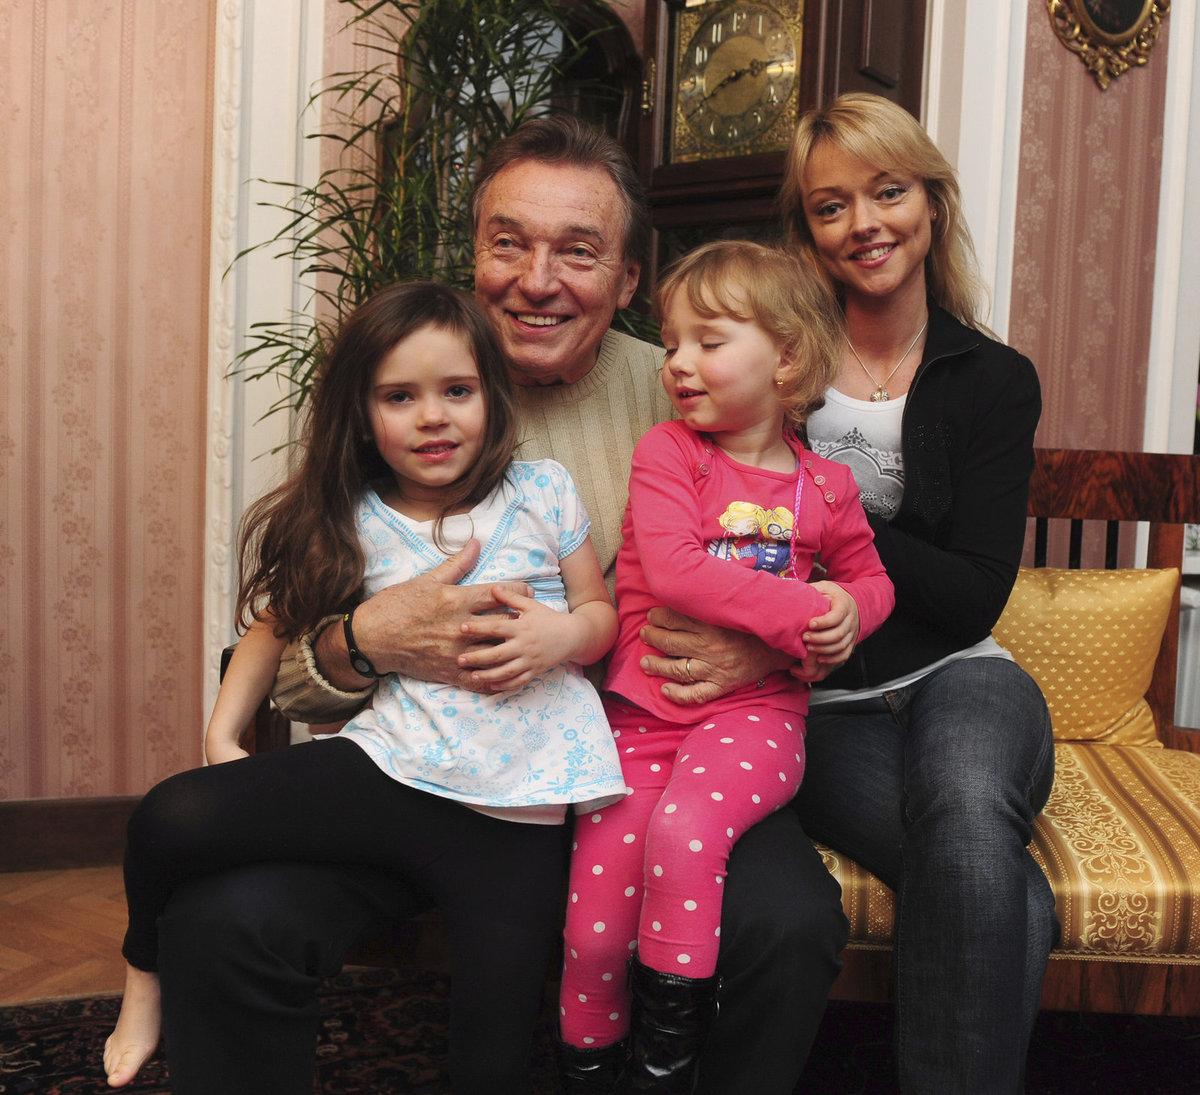 Dominika si oblíbila své mladší sestry, které má Karel s manželkou Ivanou.